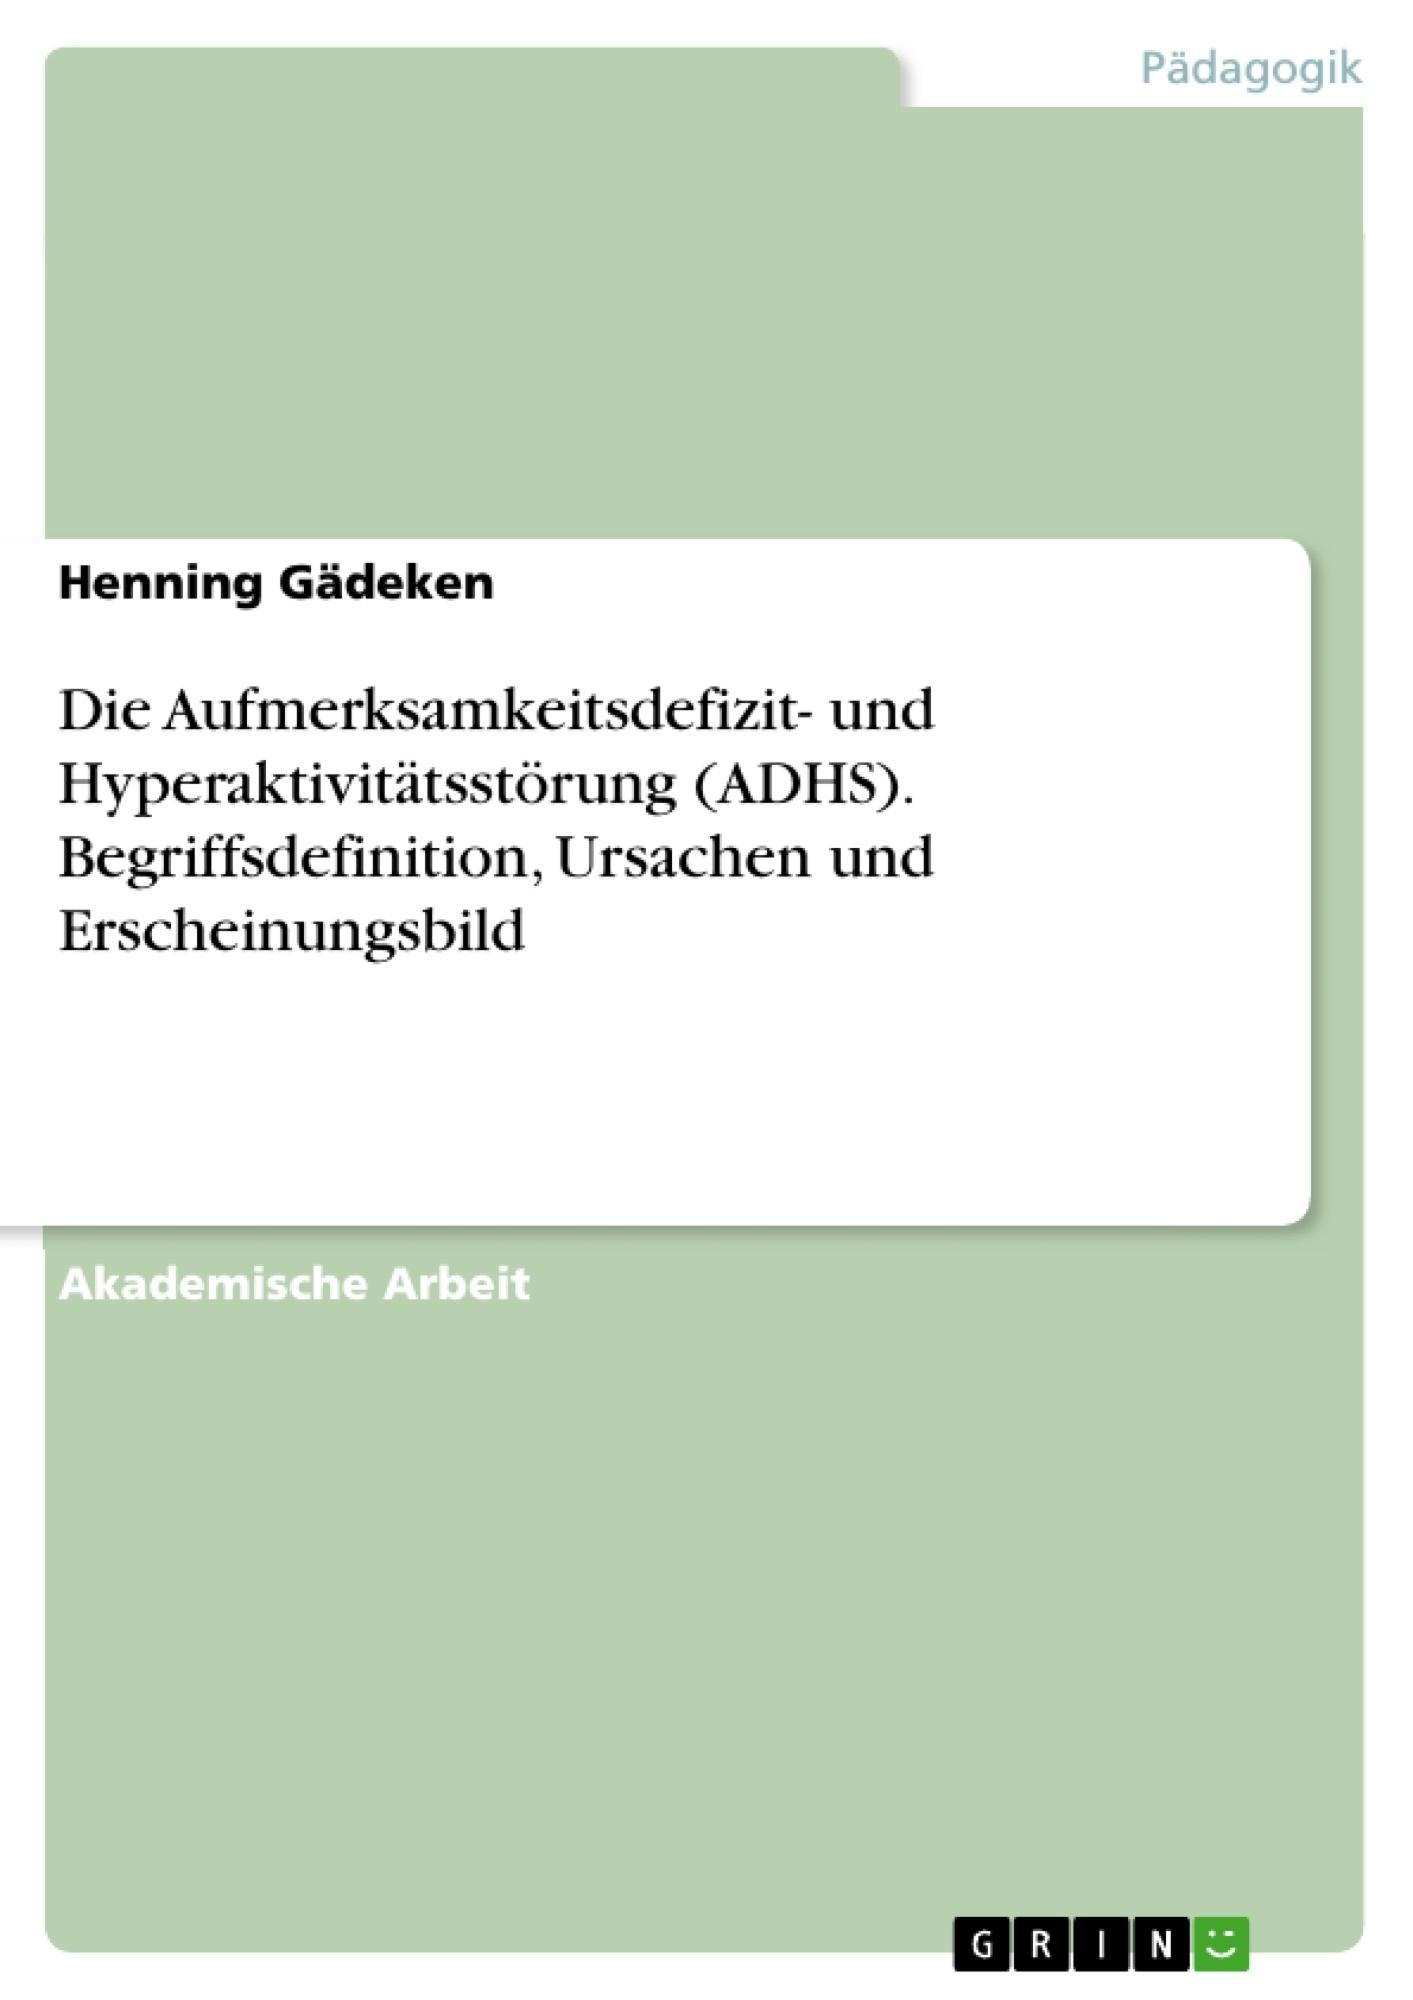 Titel: Die Aufmerksamkeitsdefizit- und Hyperaktivitätsstörung (ADHS). Begriffsdefinition, Ursachen und Erscheinungsbild